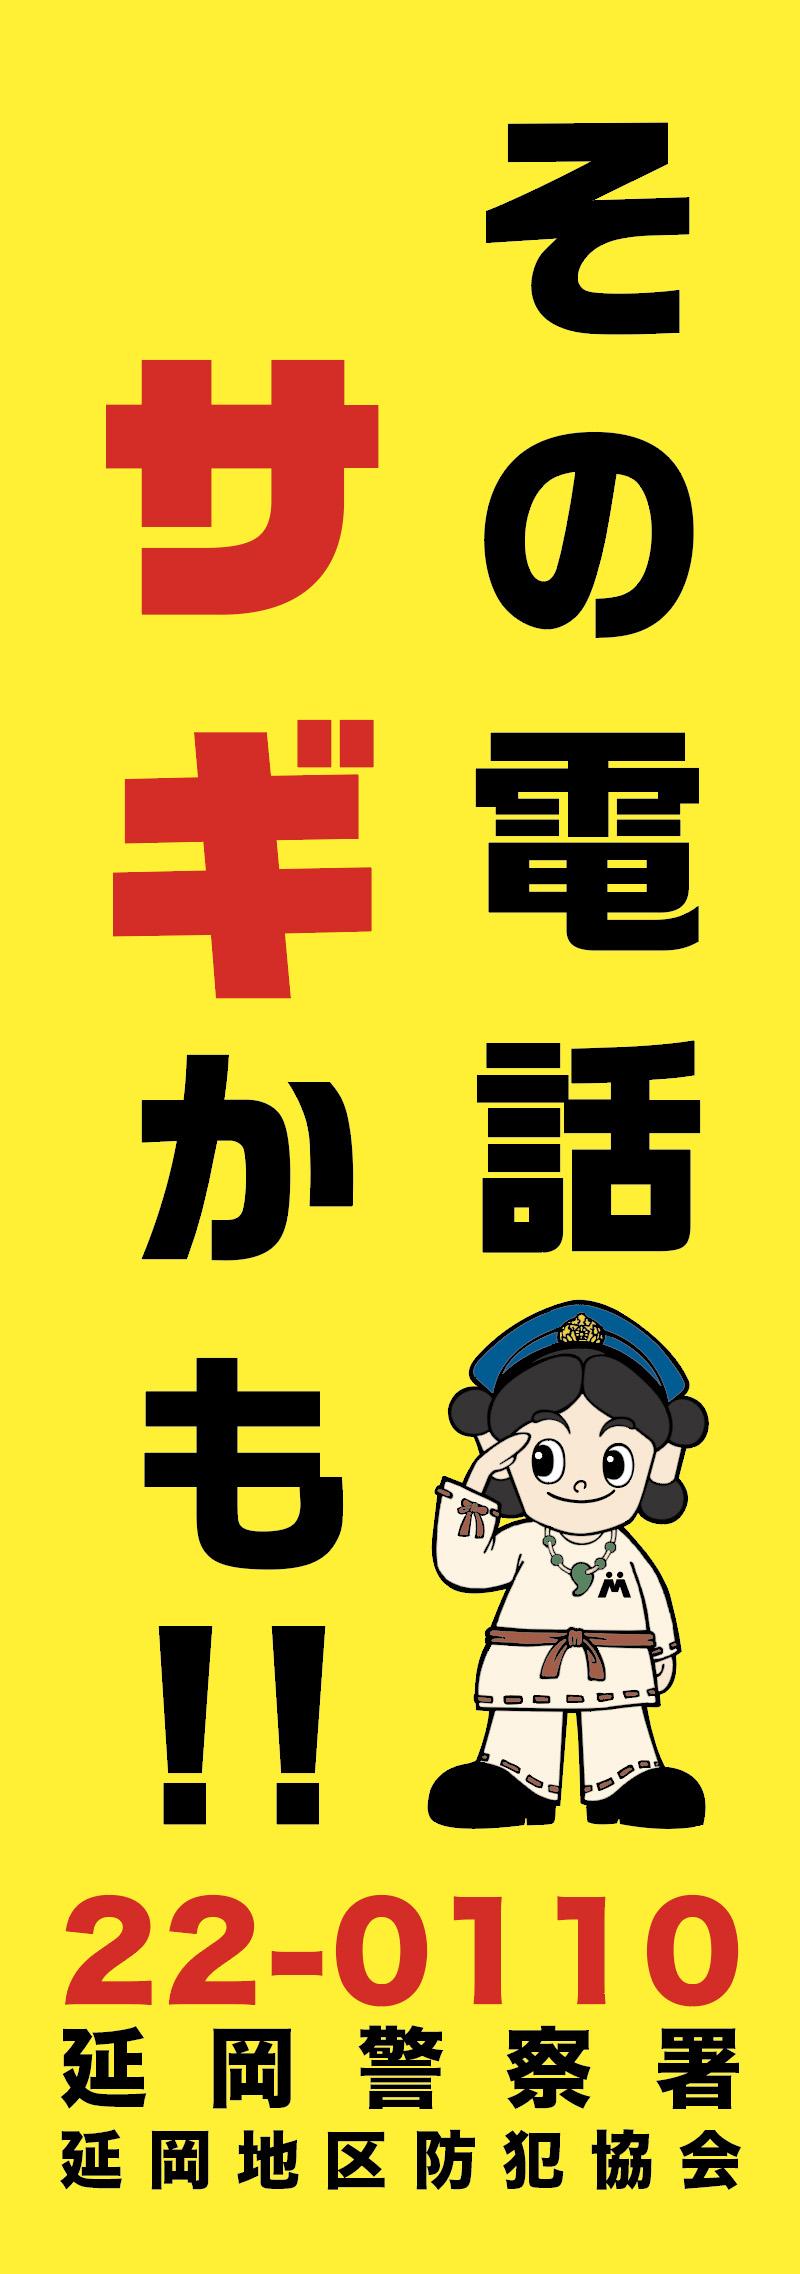 延岡警察署 詐欺防止シール